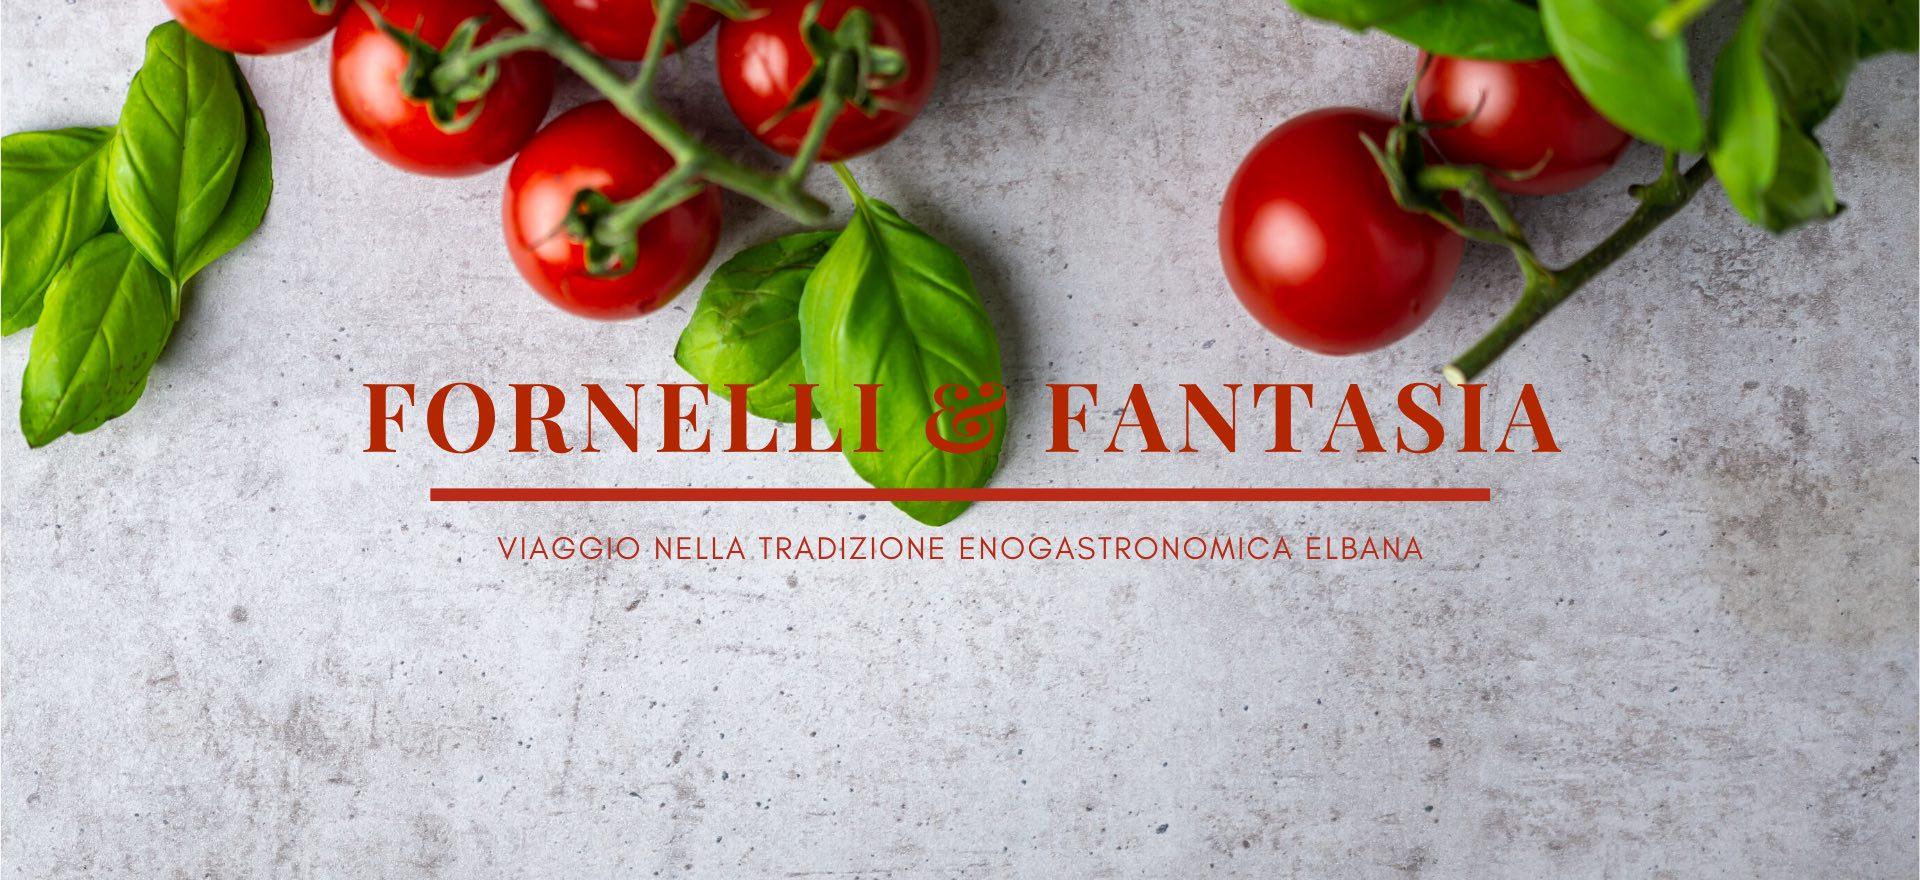 fornelli-fantasia_7